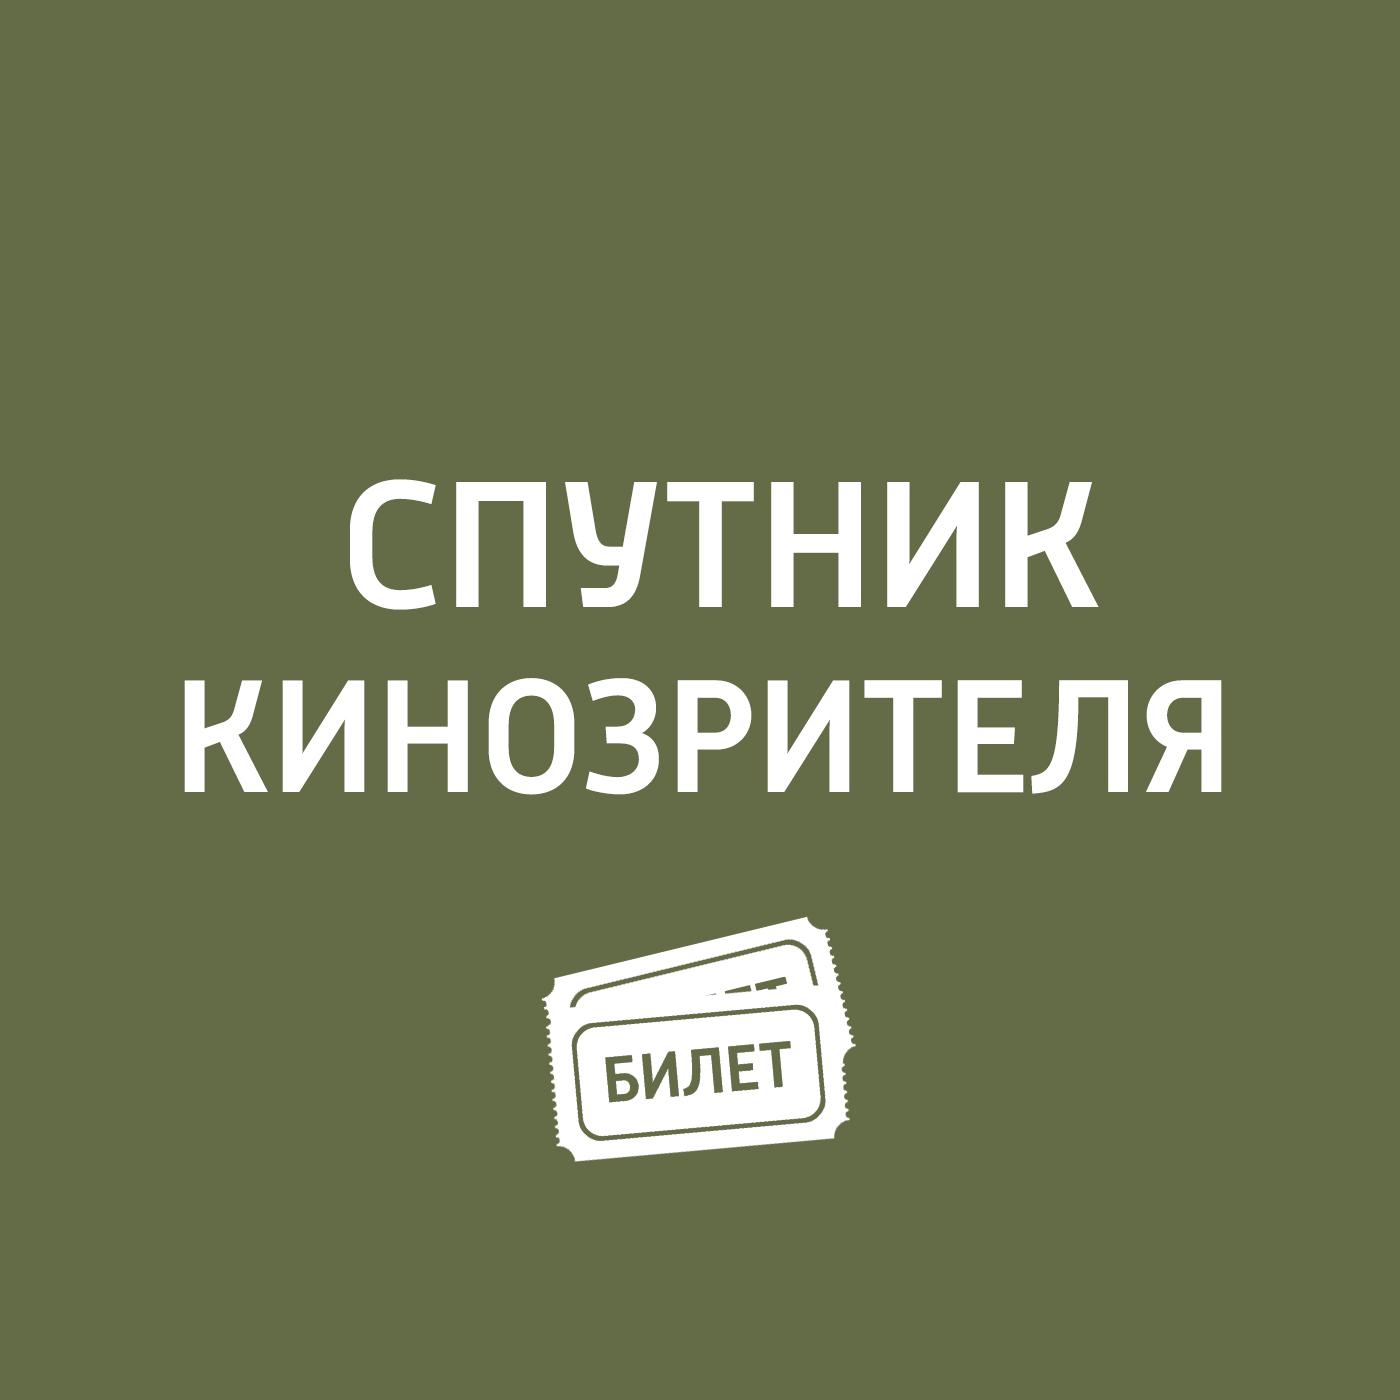 Антон Долин Берлинале 2016. «Нулевые дни антон долин дни жатвы